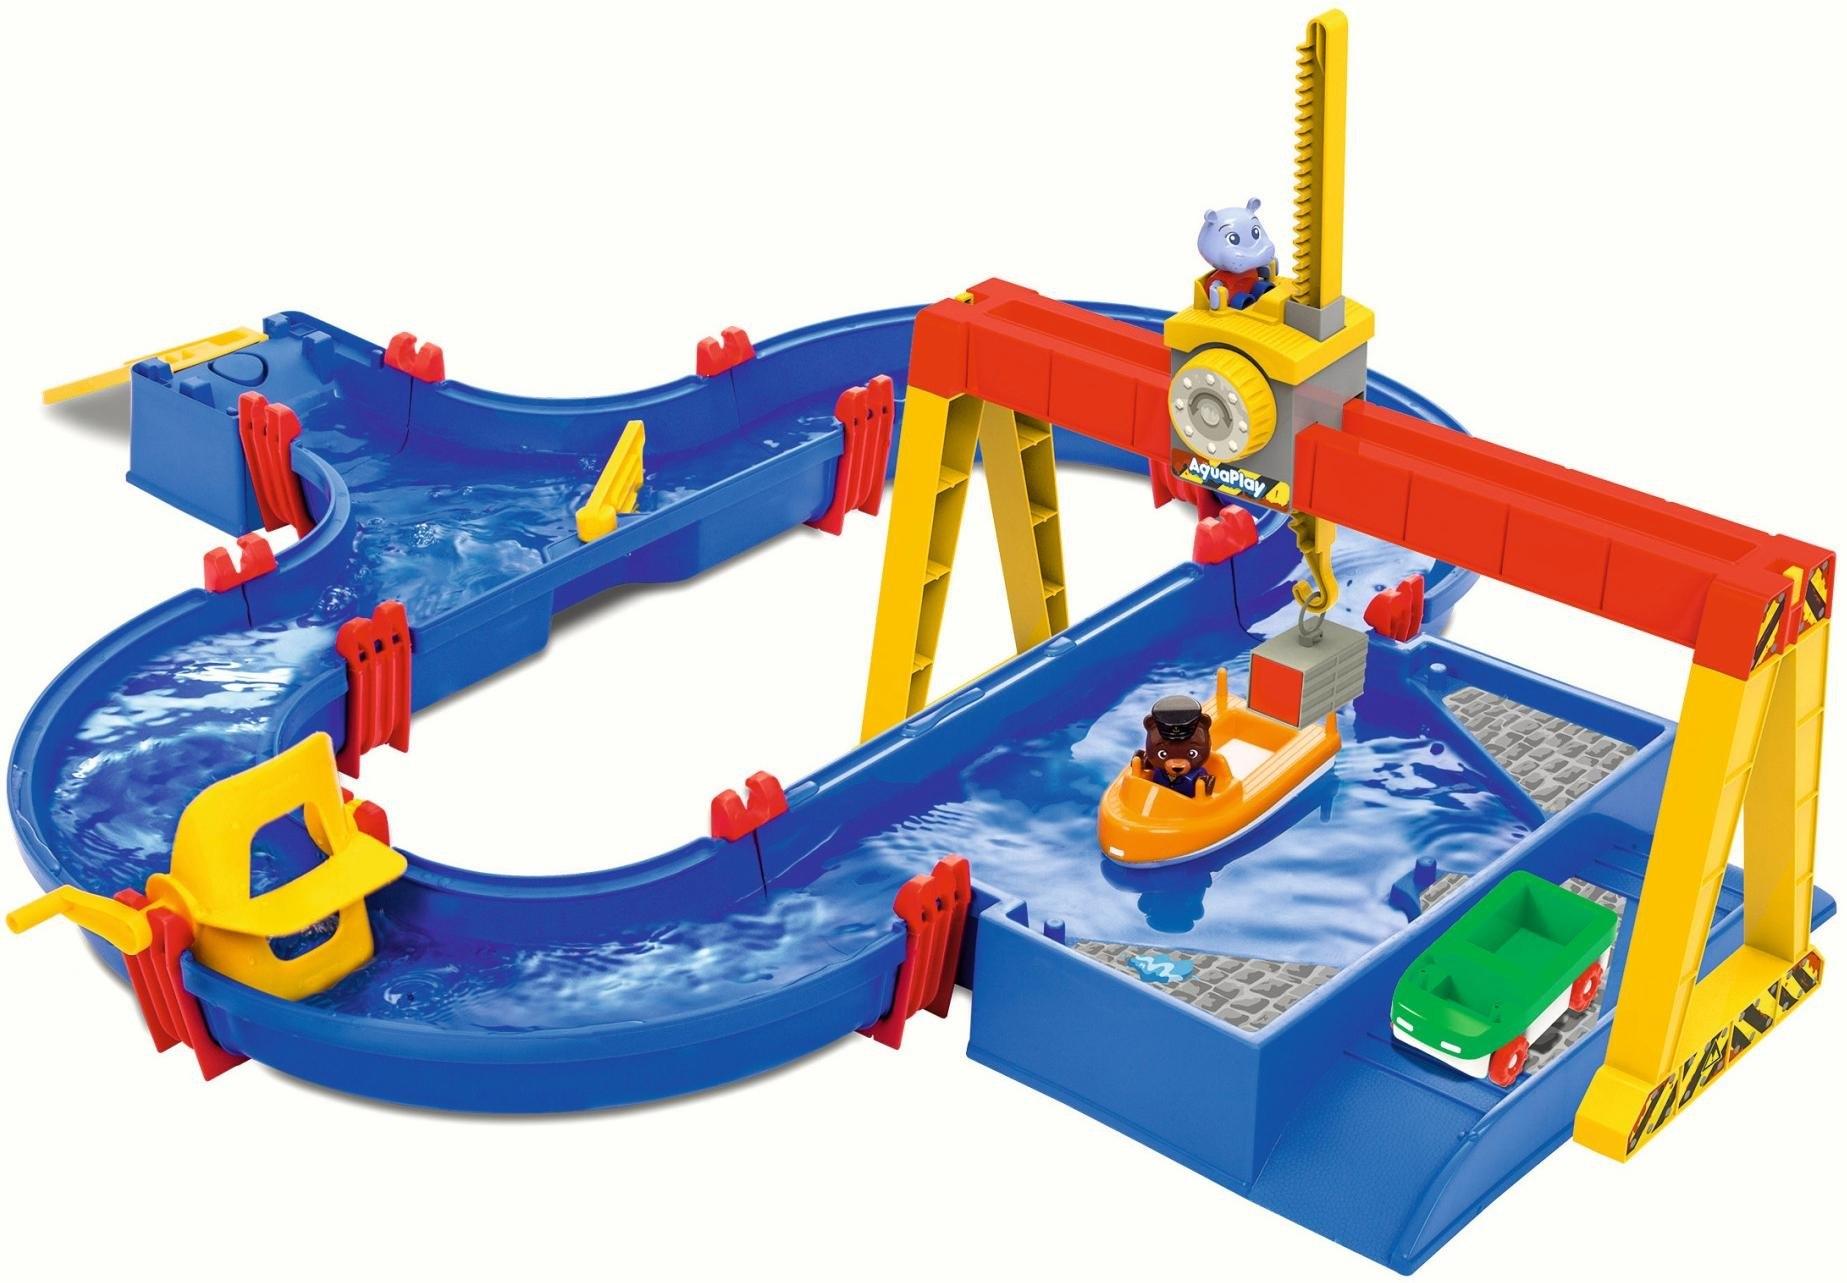 Big waterbaan met boot, amfibie-auto en veel accessoires, »AquaPlay ContainerPort« bestellen: 14 dagen bedenktijd